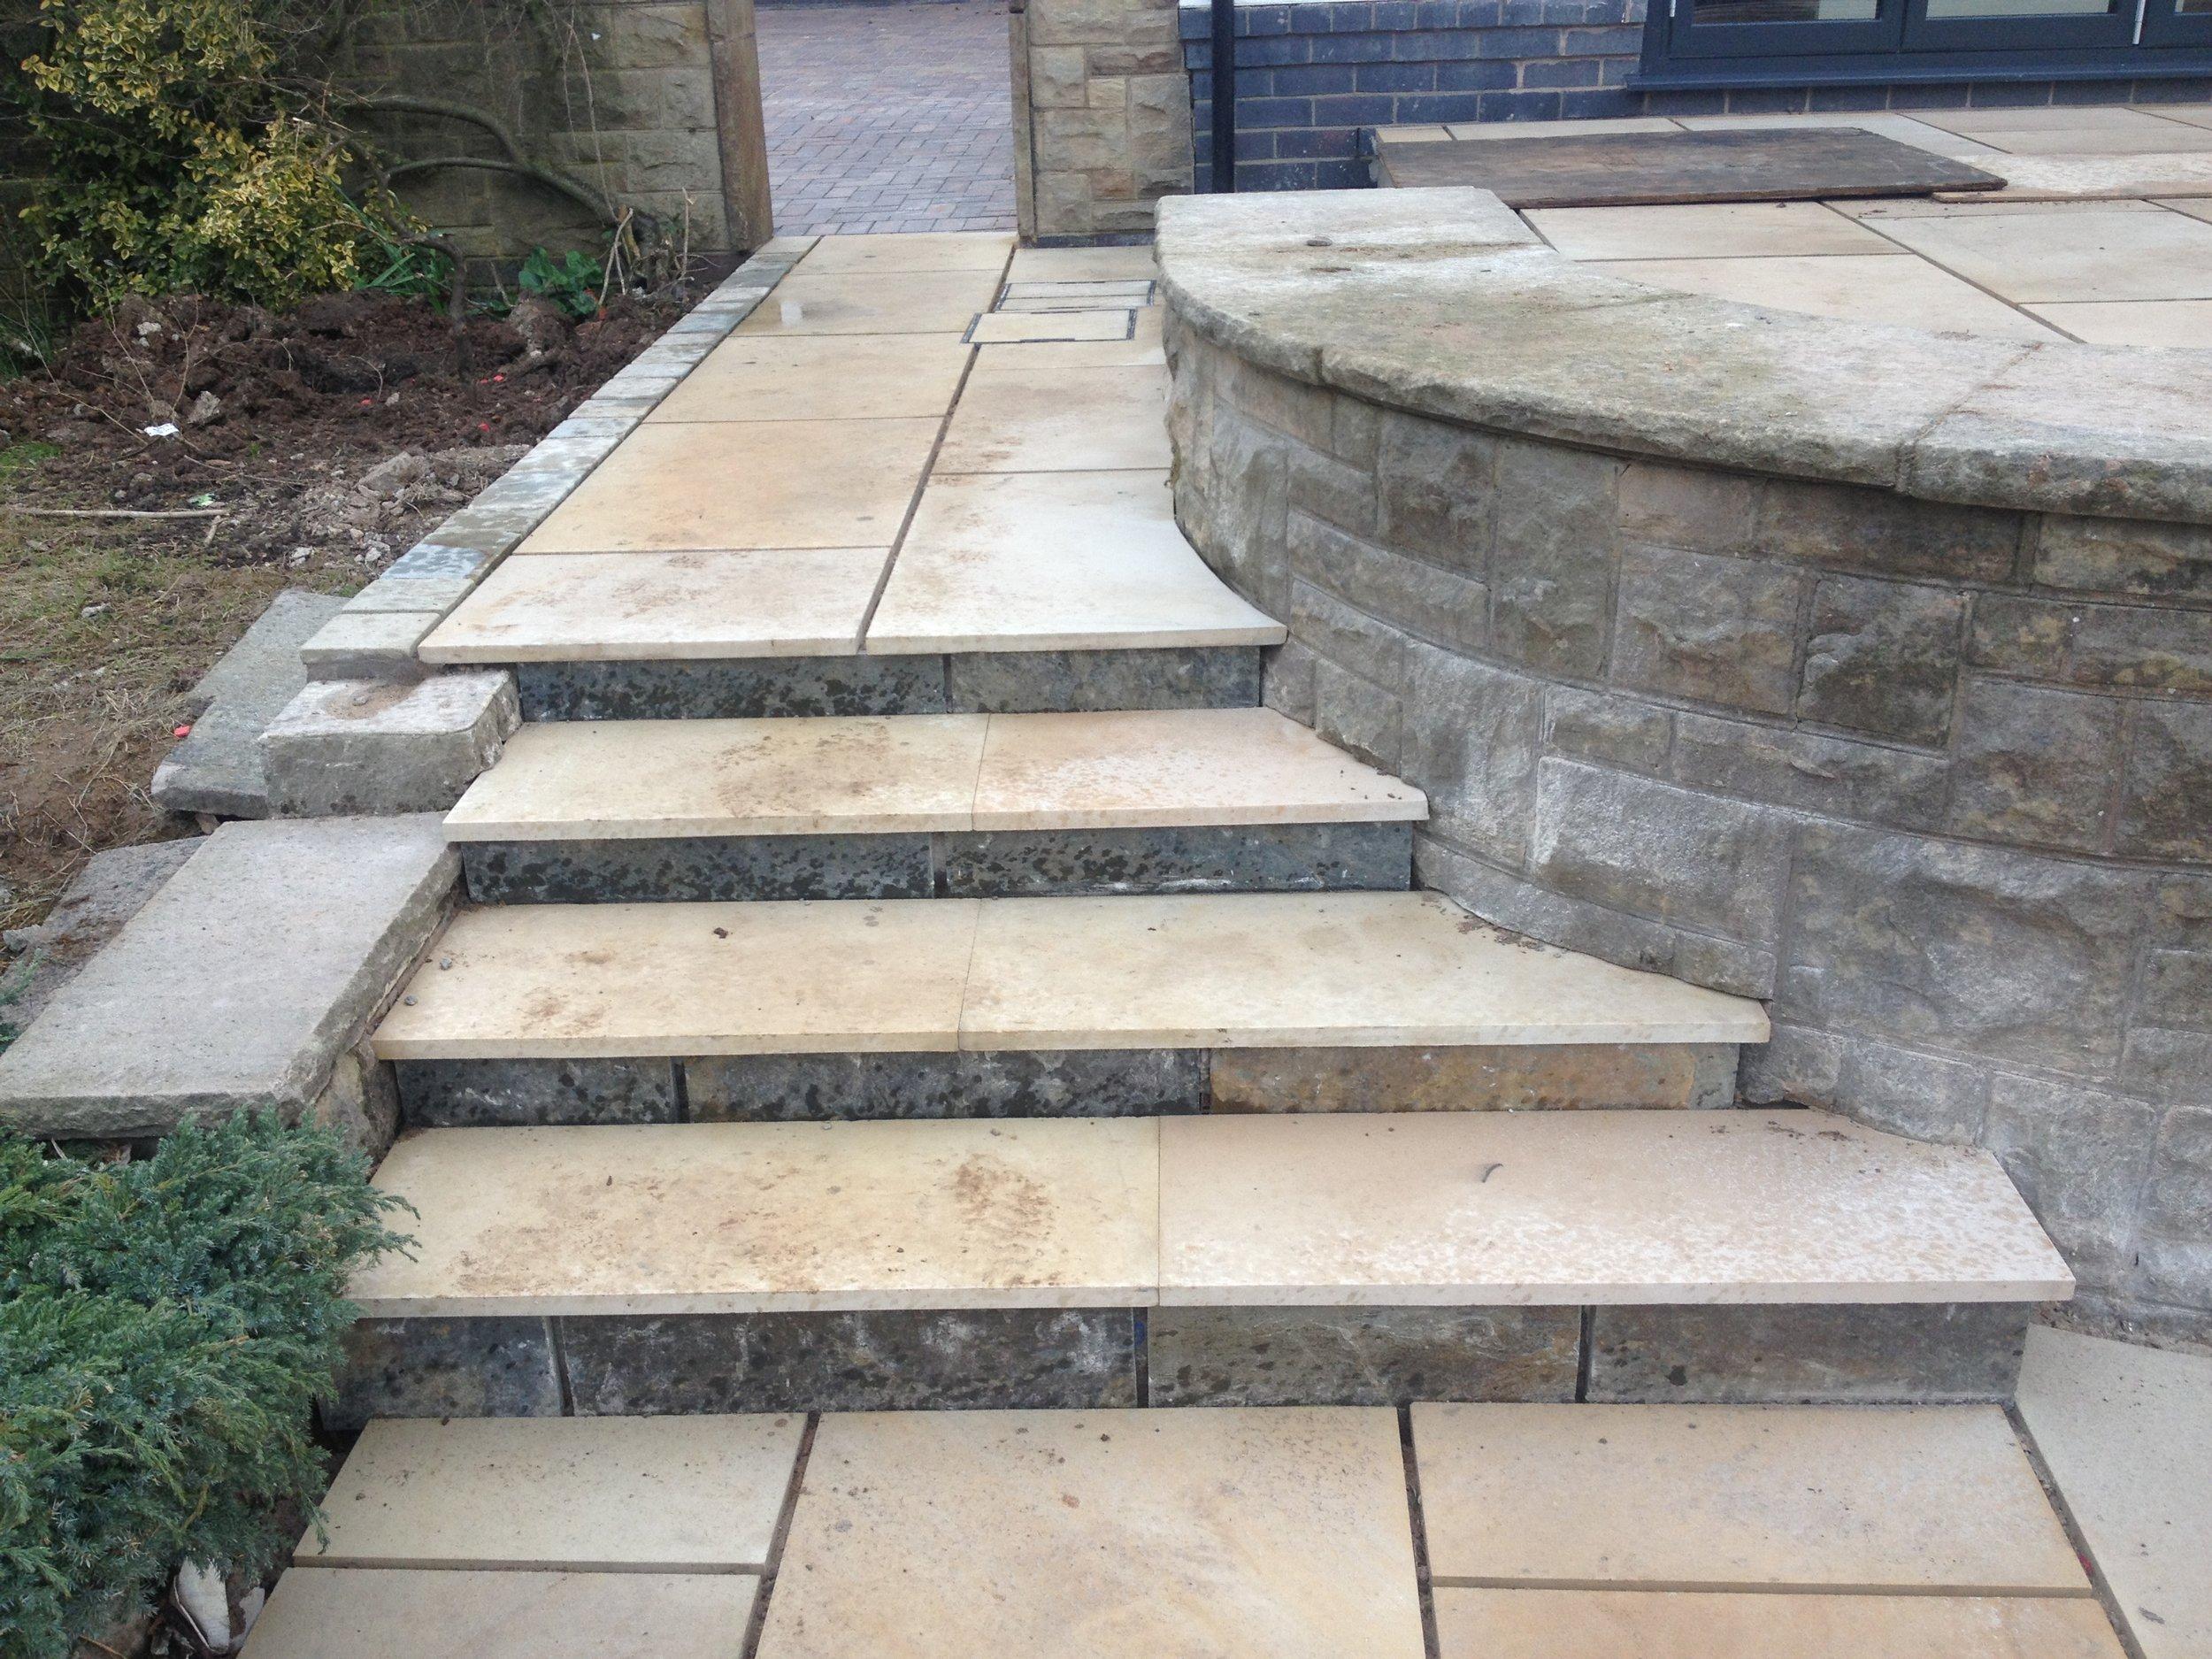 slabbed_steps.JPG